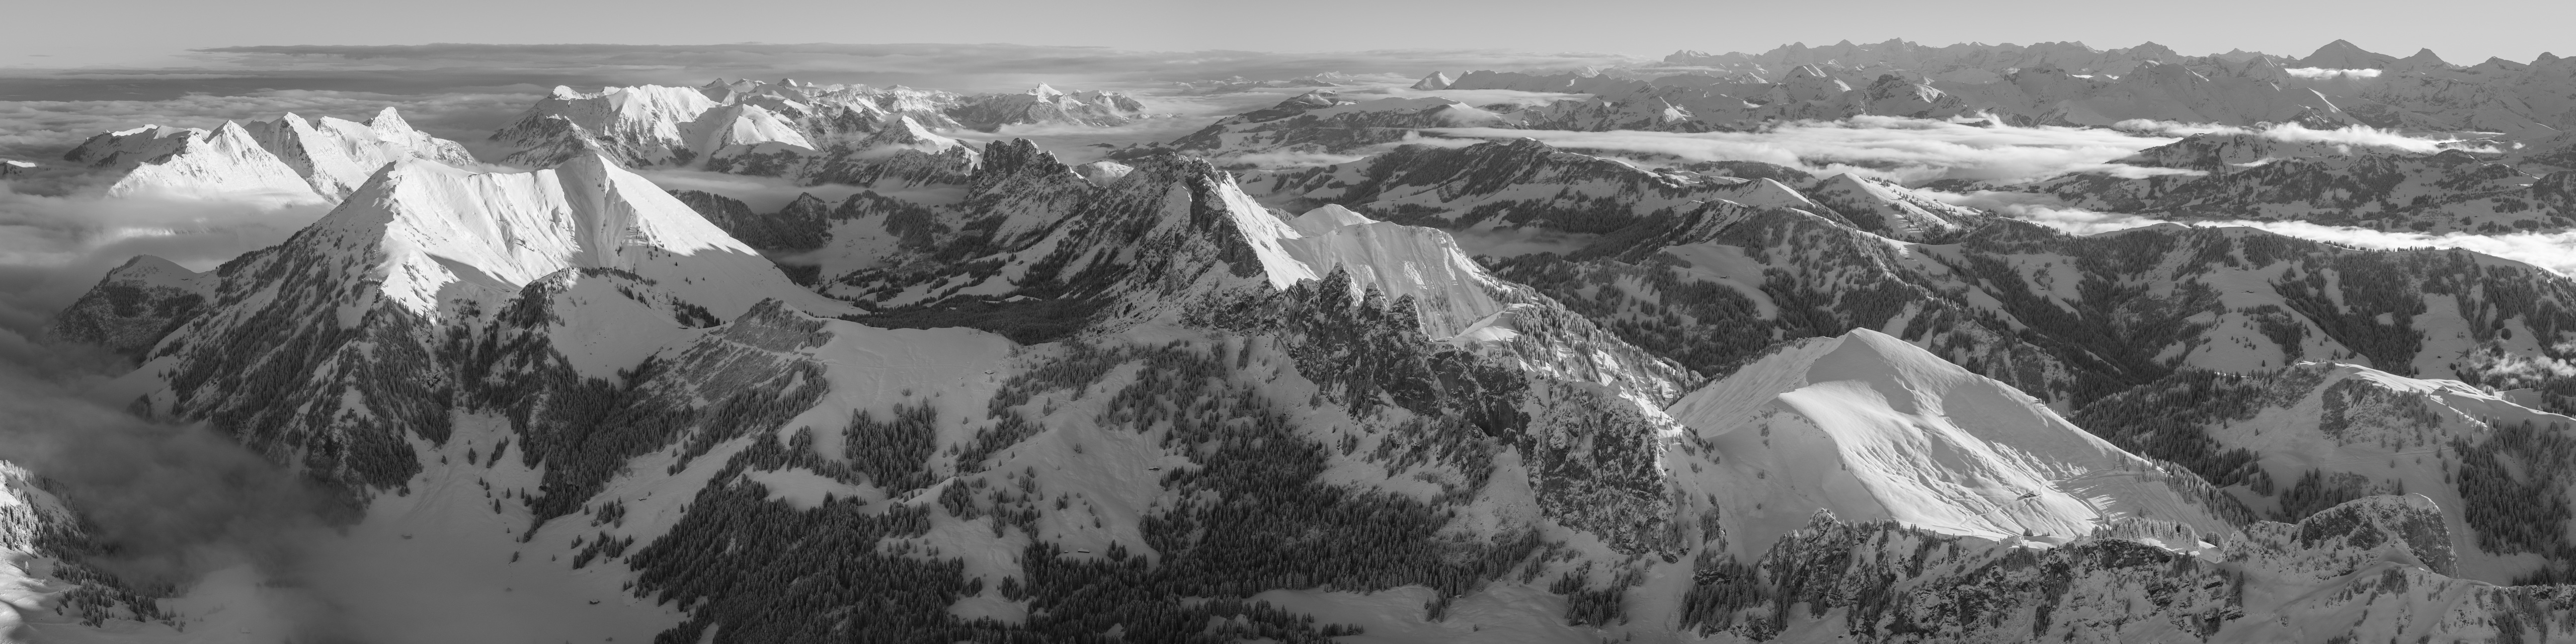 Panorama hivernal sur les préalpes fribourgeoises - Vue sur les montagnes des préalpes fribourgeoises enneigées